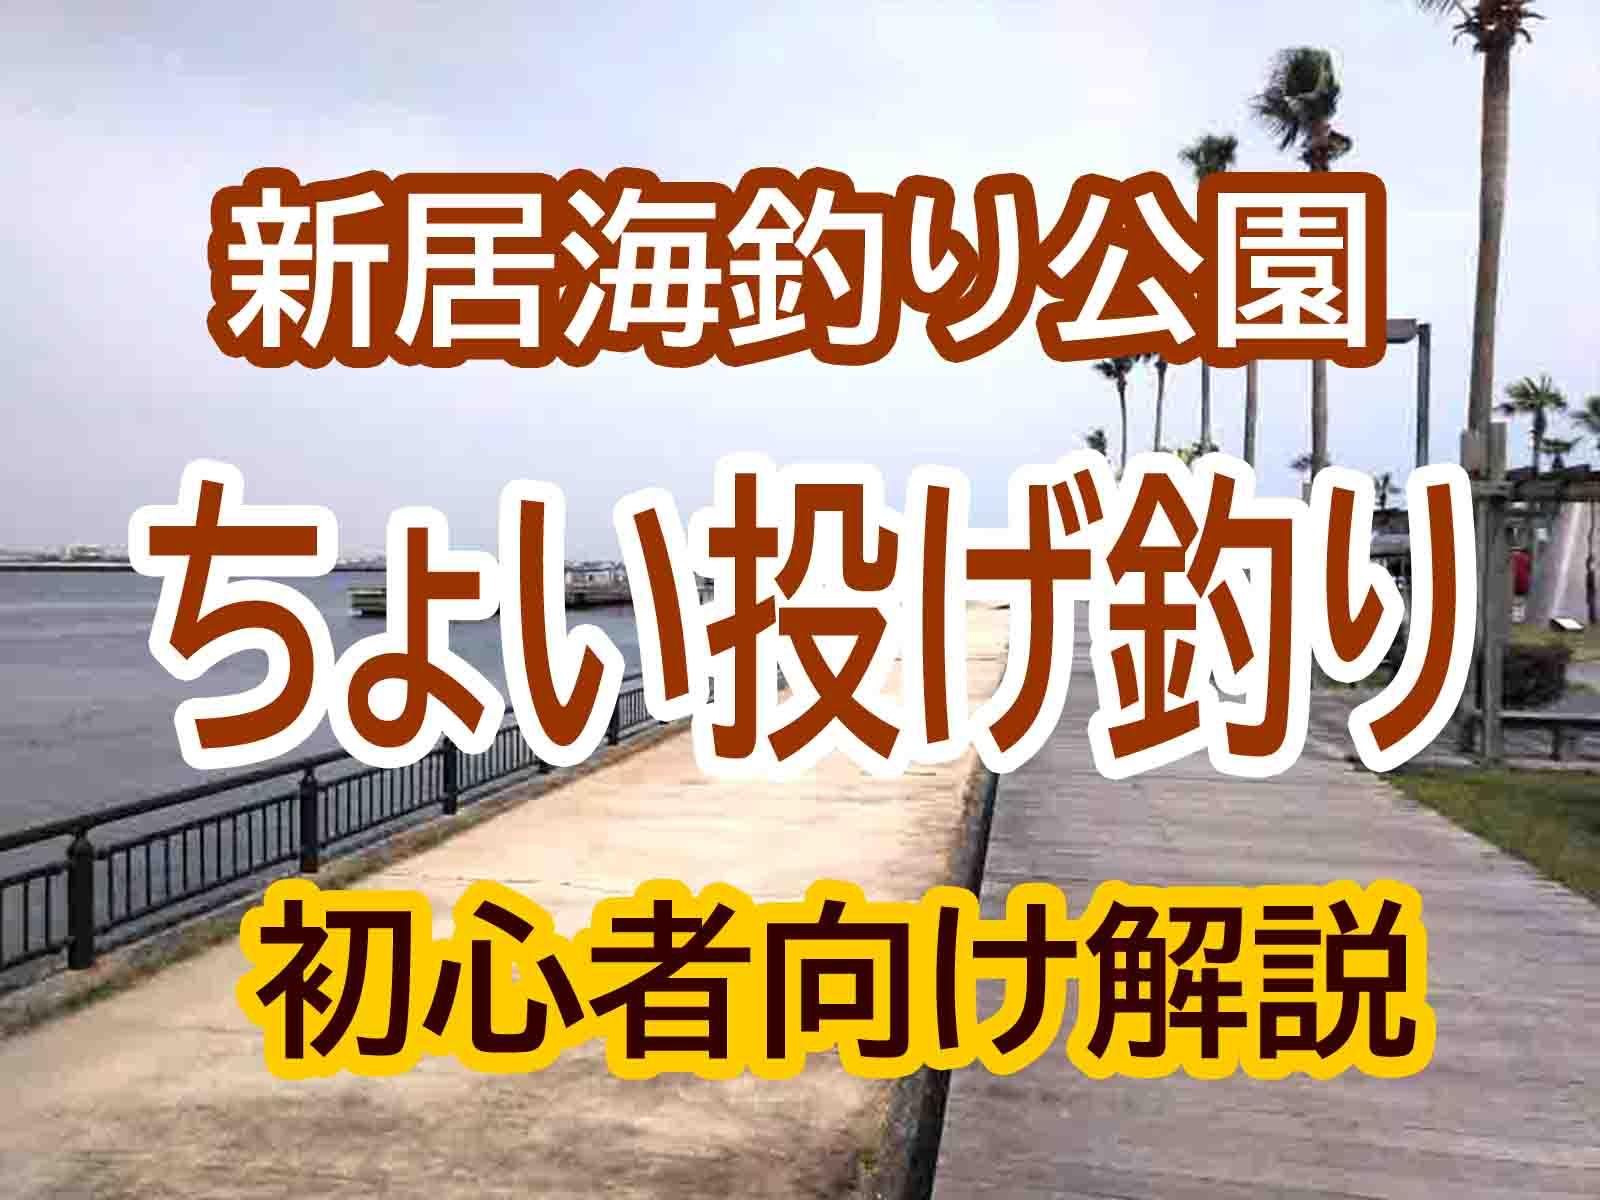 新居海釣り公園でちょい投げ釣り